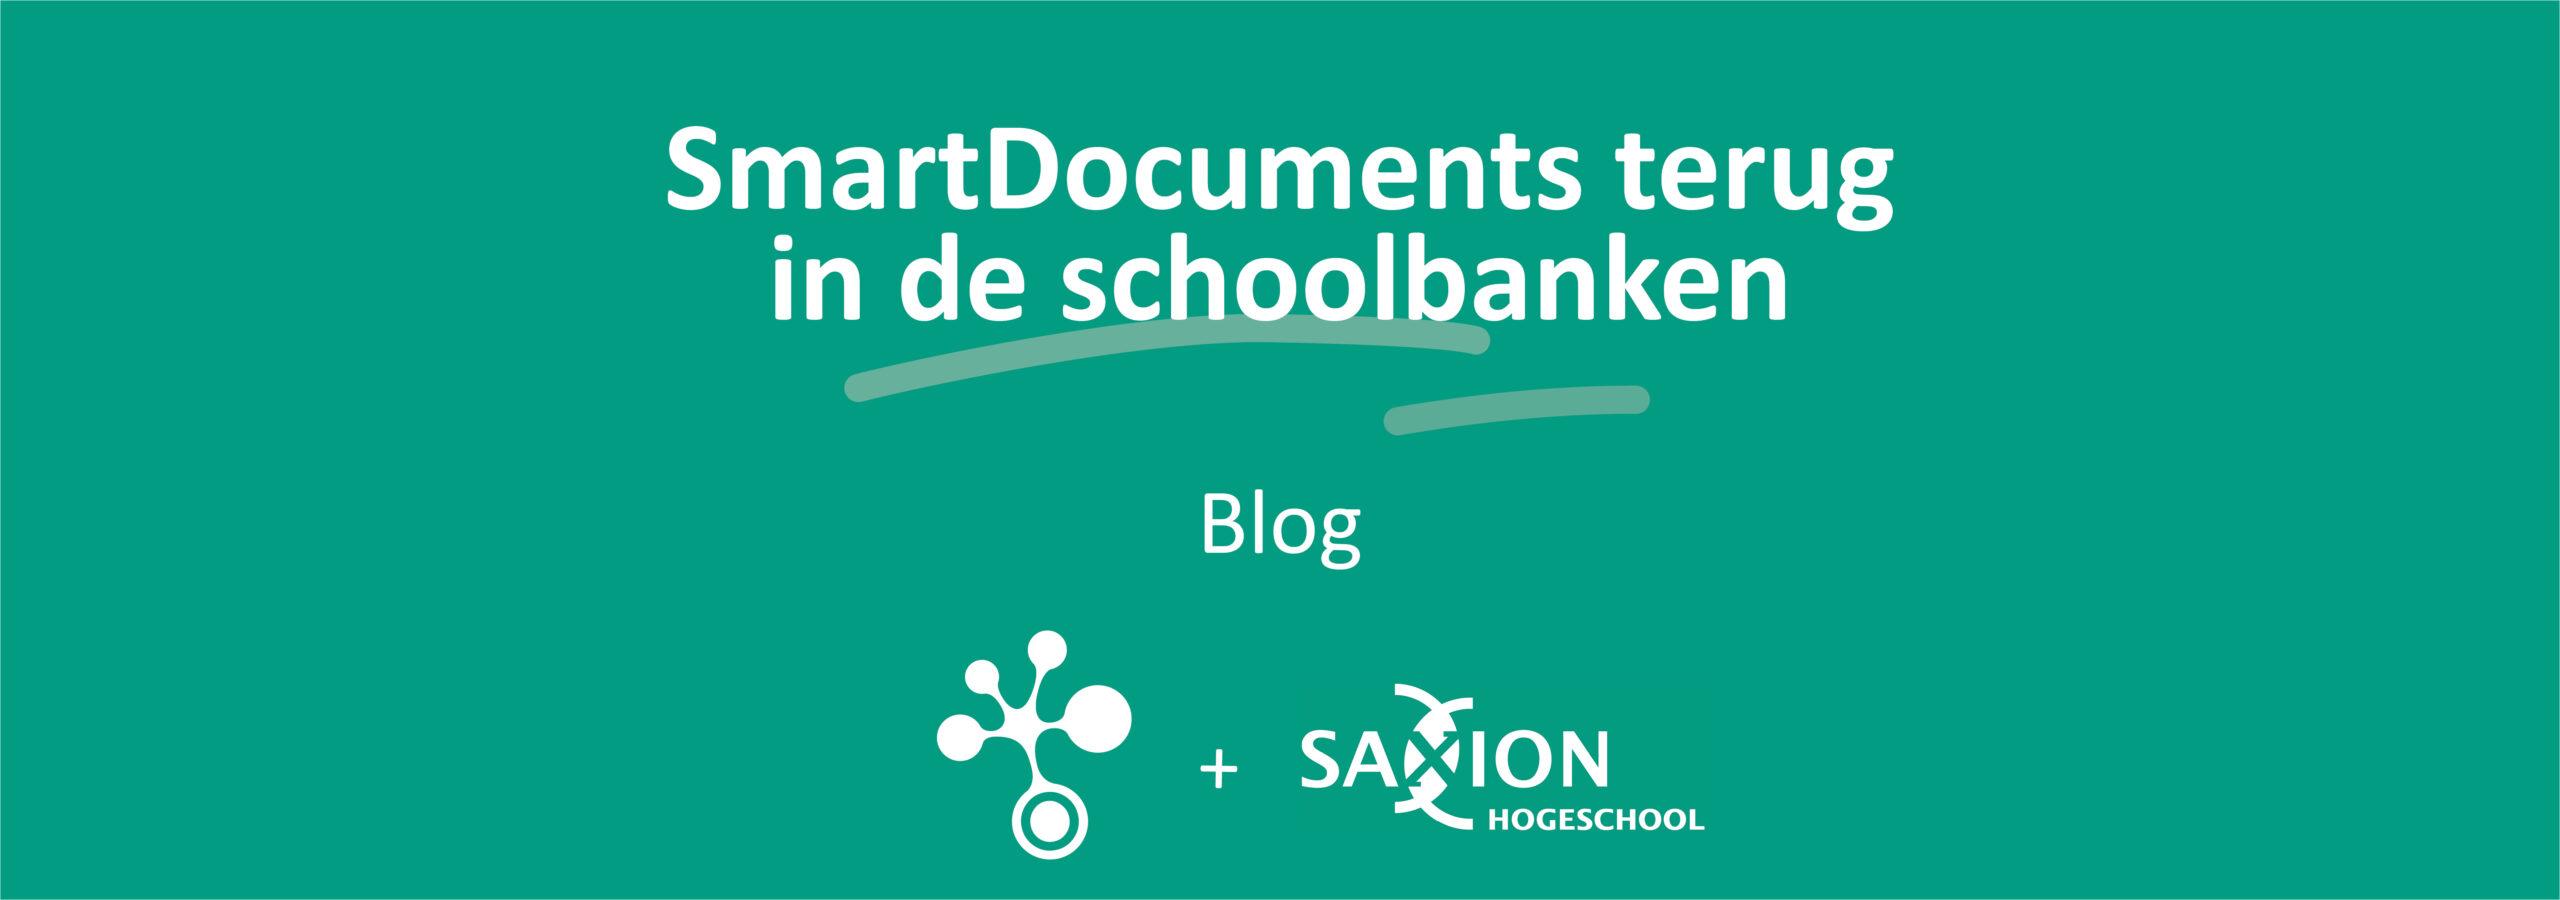 SmartDocuments terug in de schoolbanken